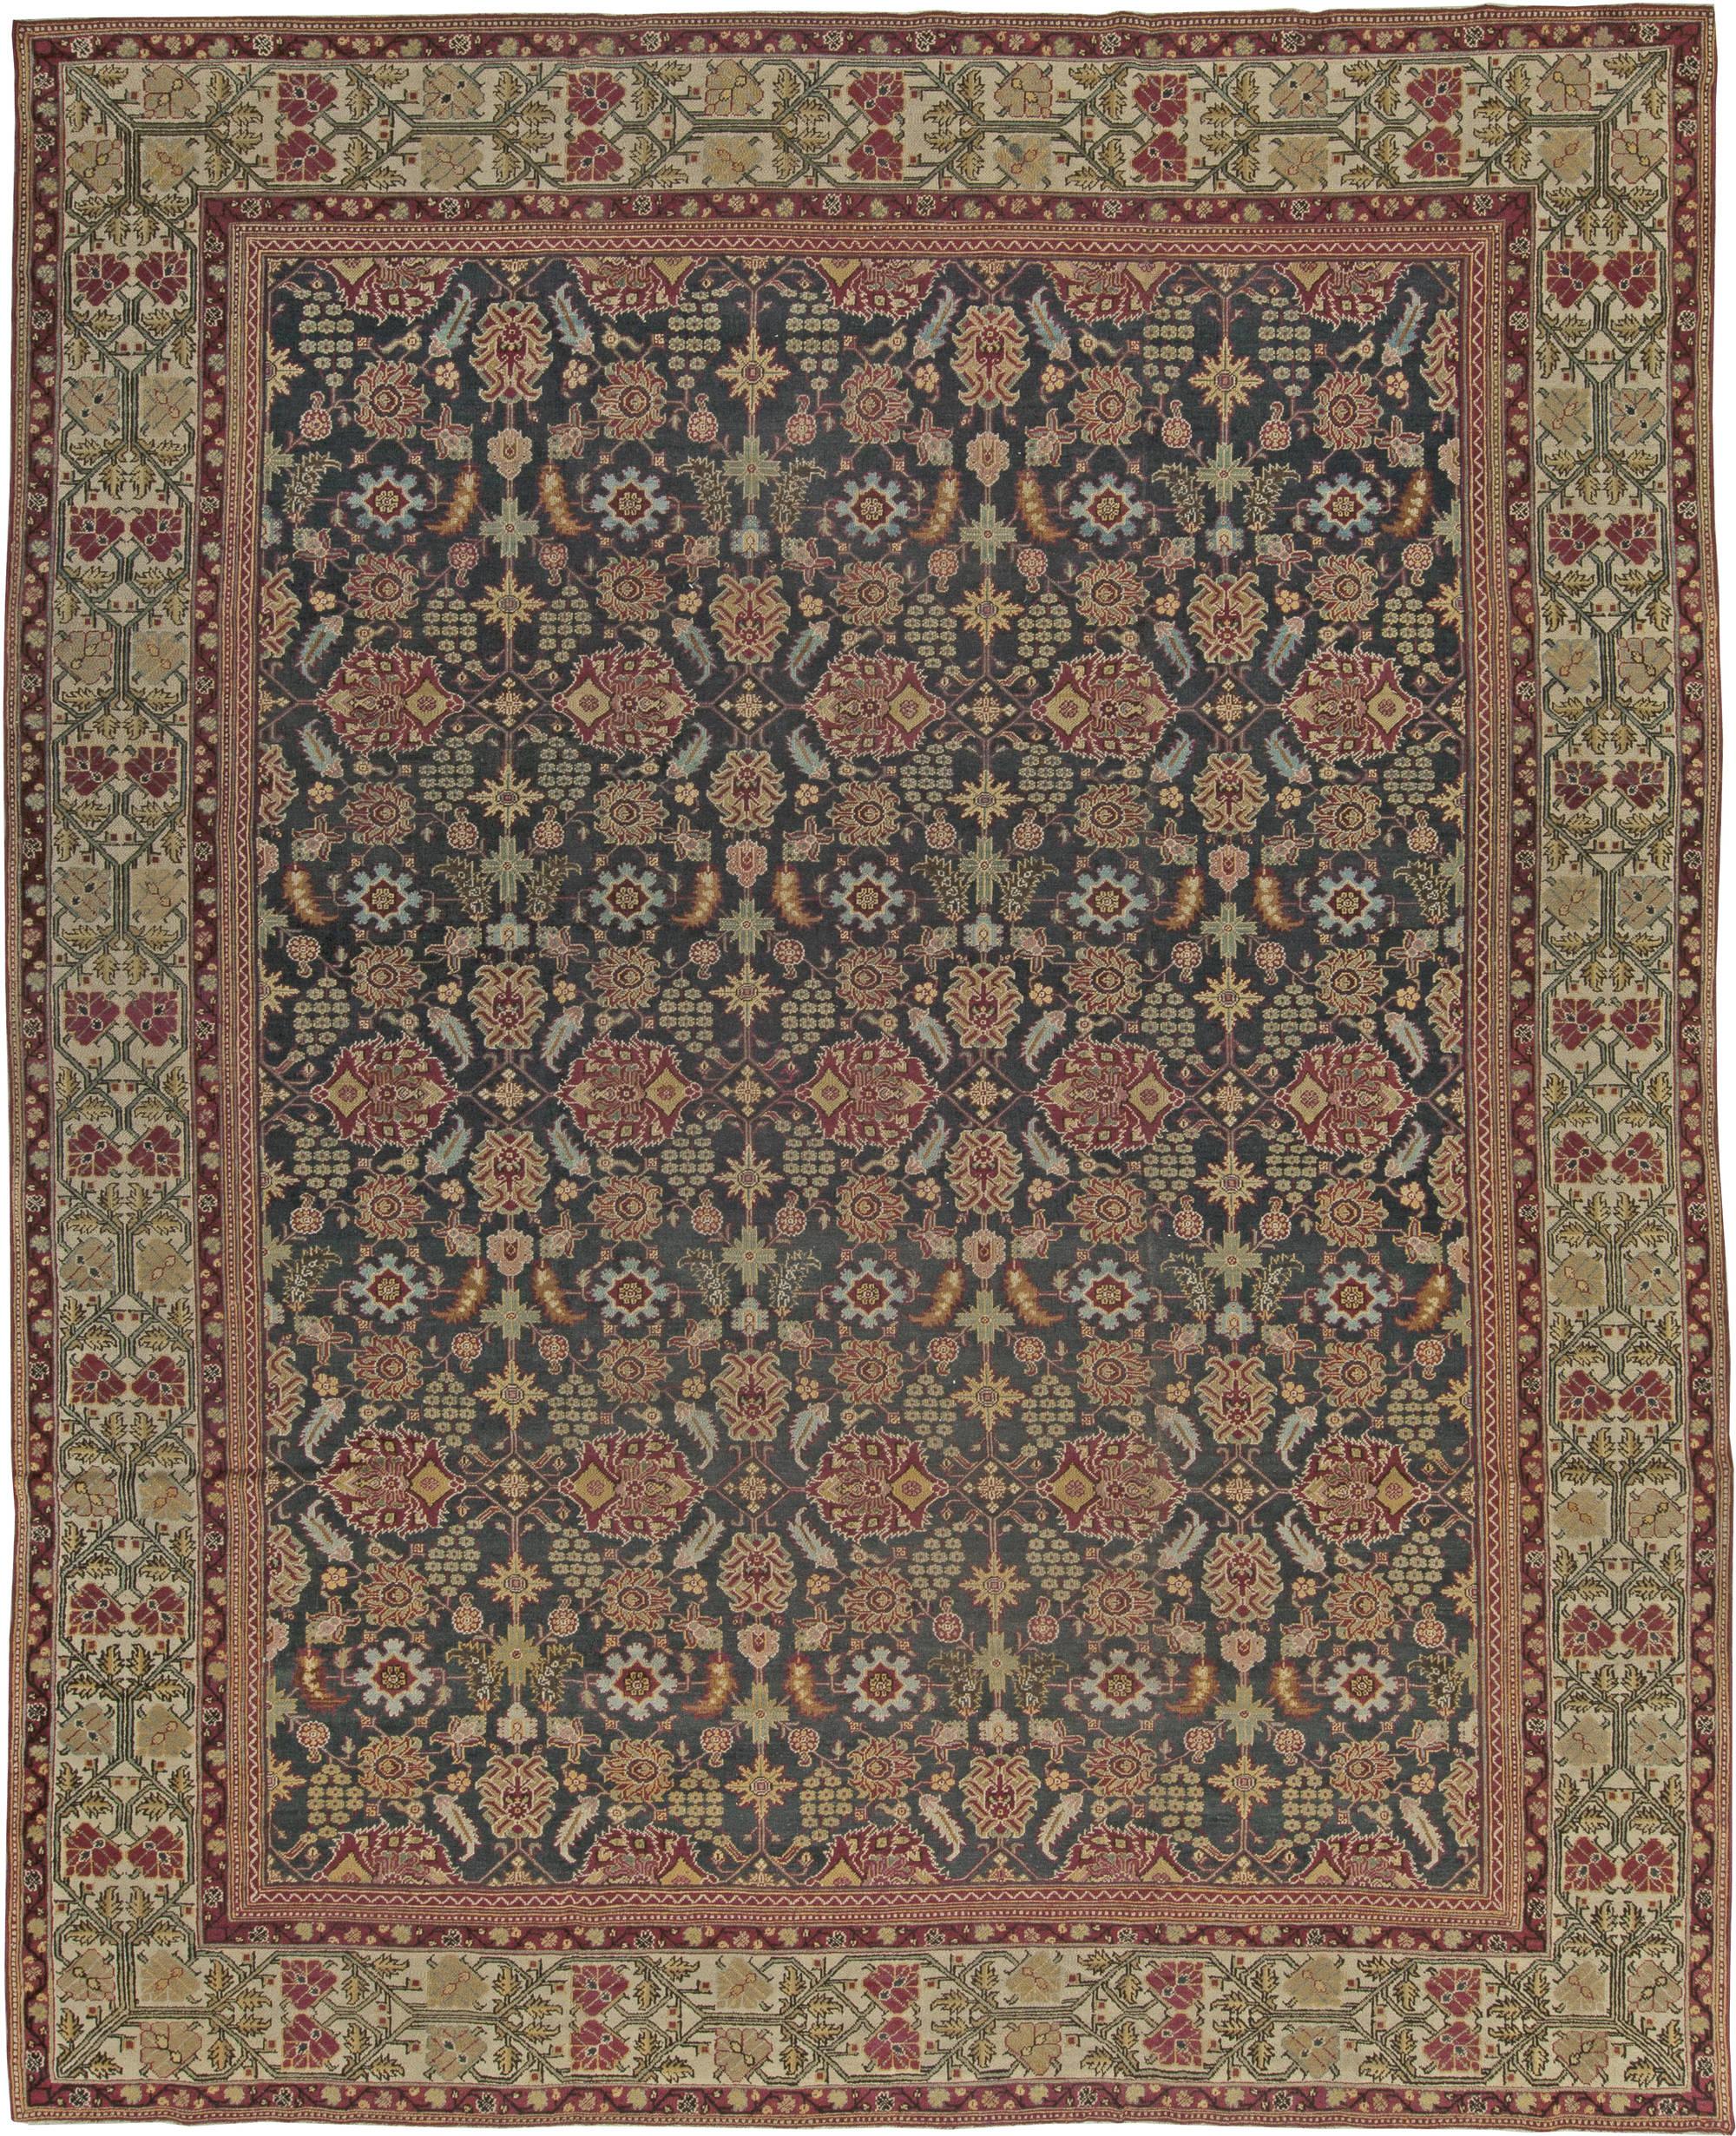 Agra Chindi Rug: Jdische Teppiche. Mexiko Oaxaca Zapoteken Indische